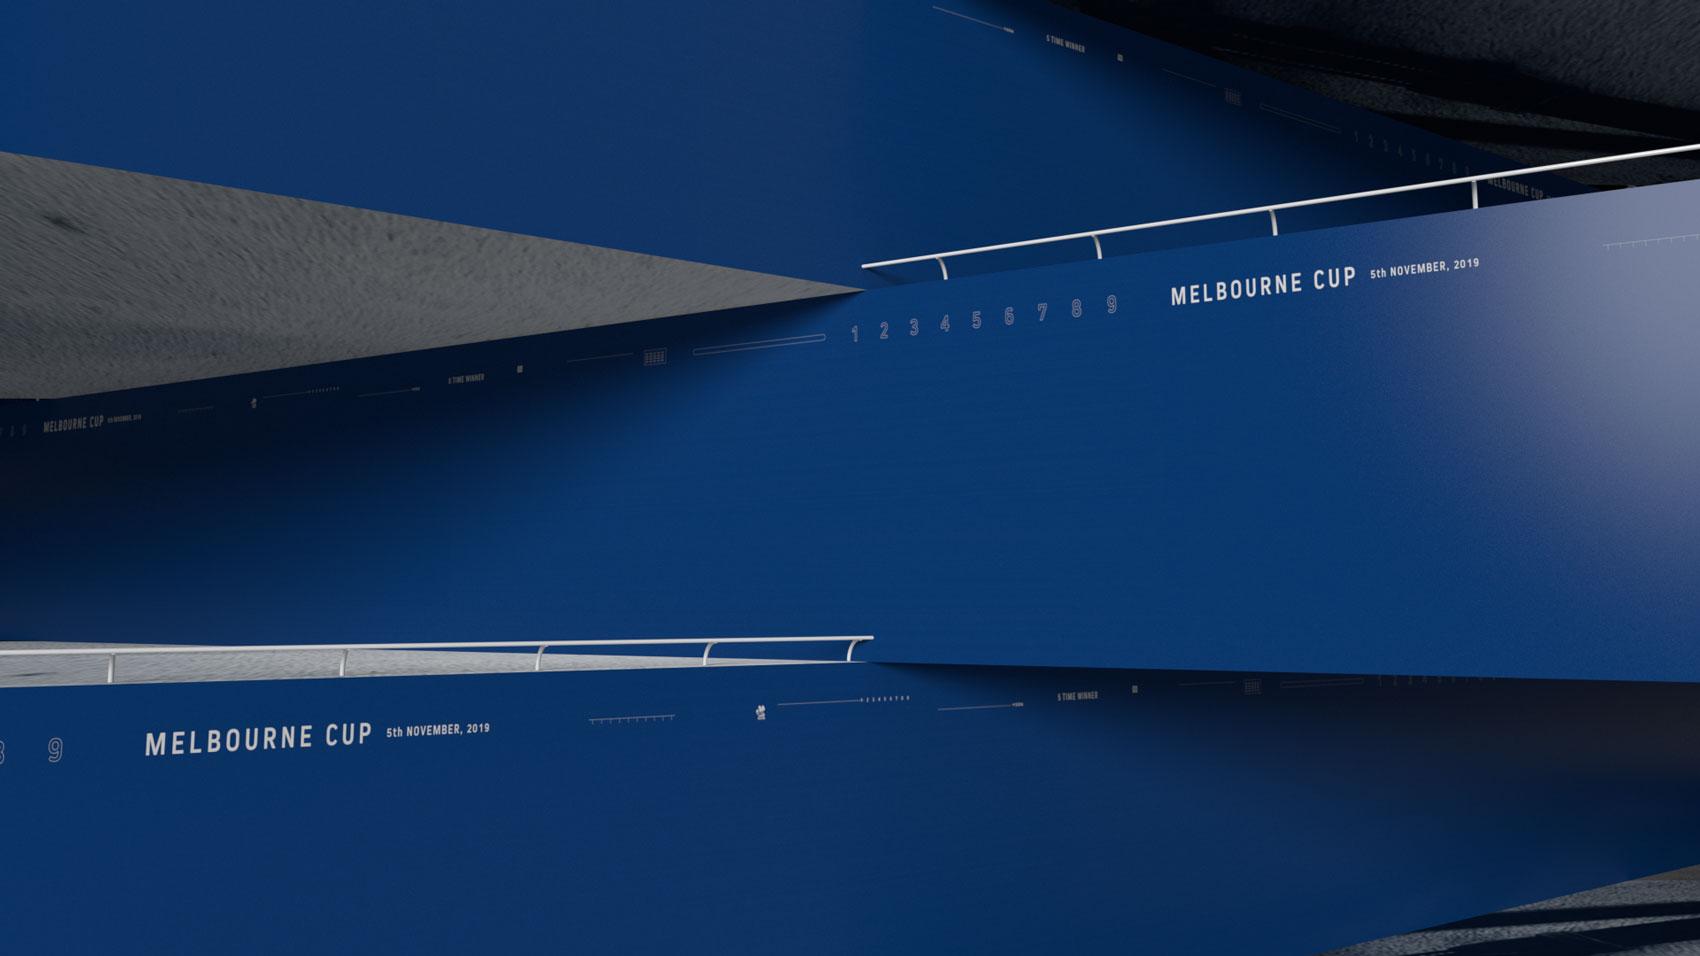 2019 Sky Racing Concept Stills 08 Girraphic